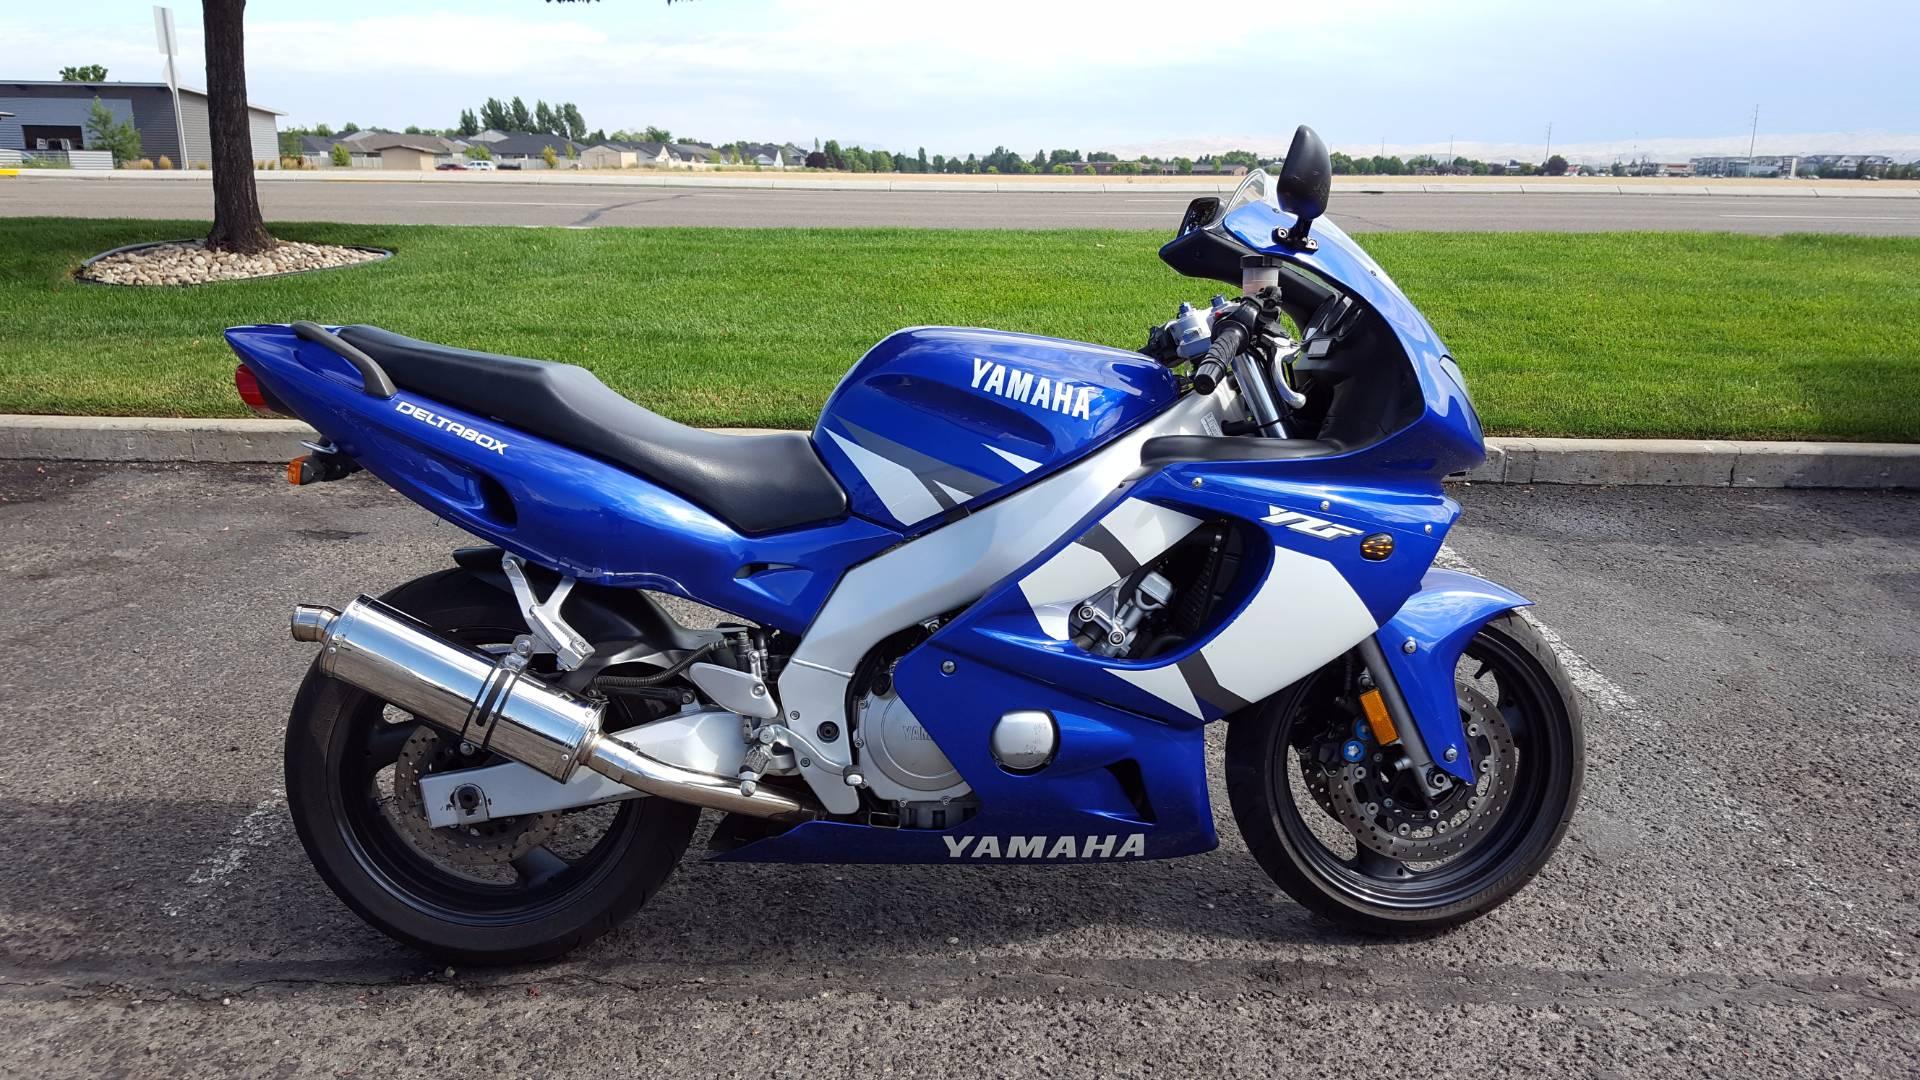 2002 YZF-600R